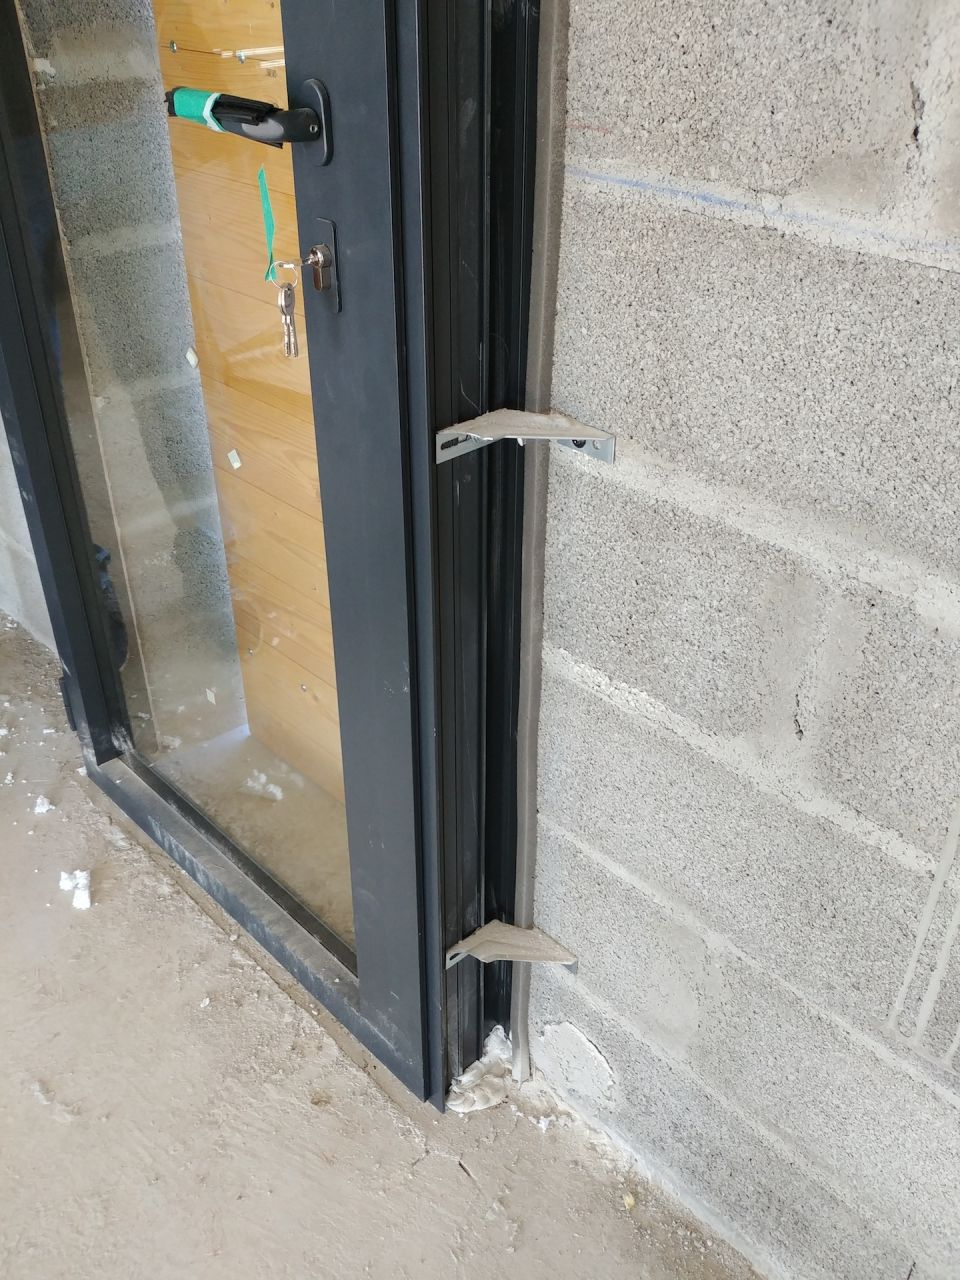 fenêtre ALU. Joint inutile car placé à côté de la menuiserie ?!?